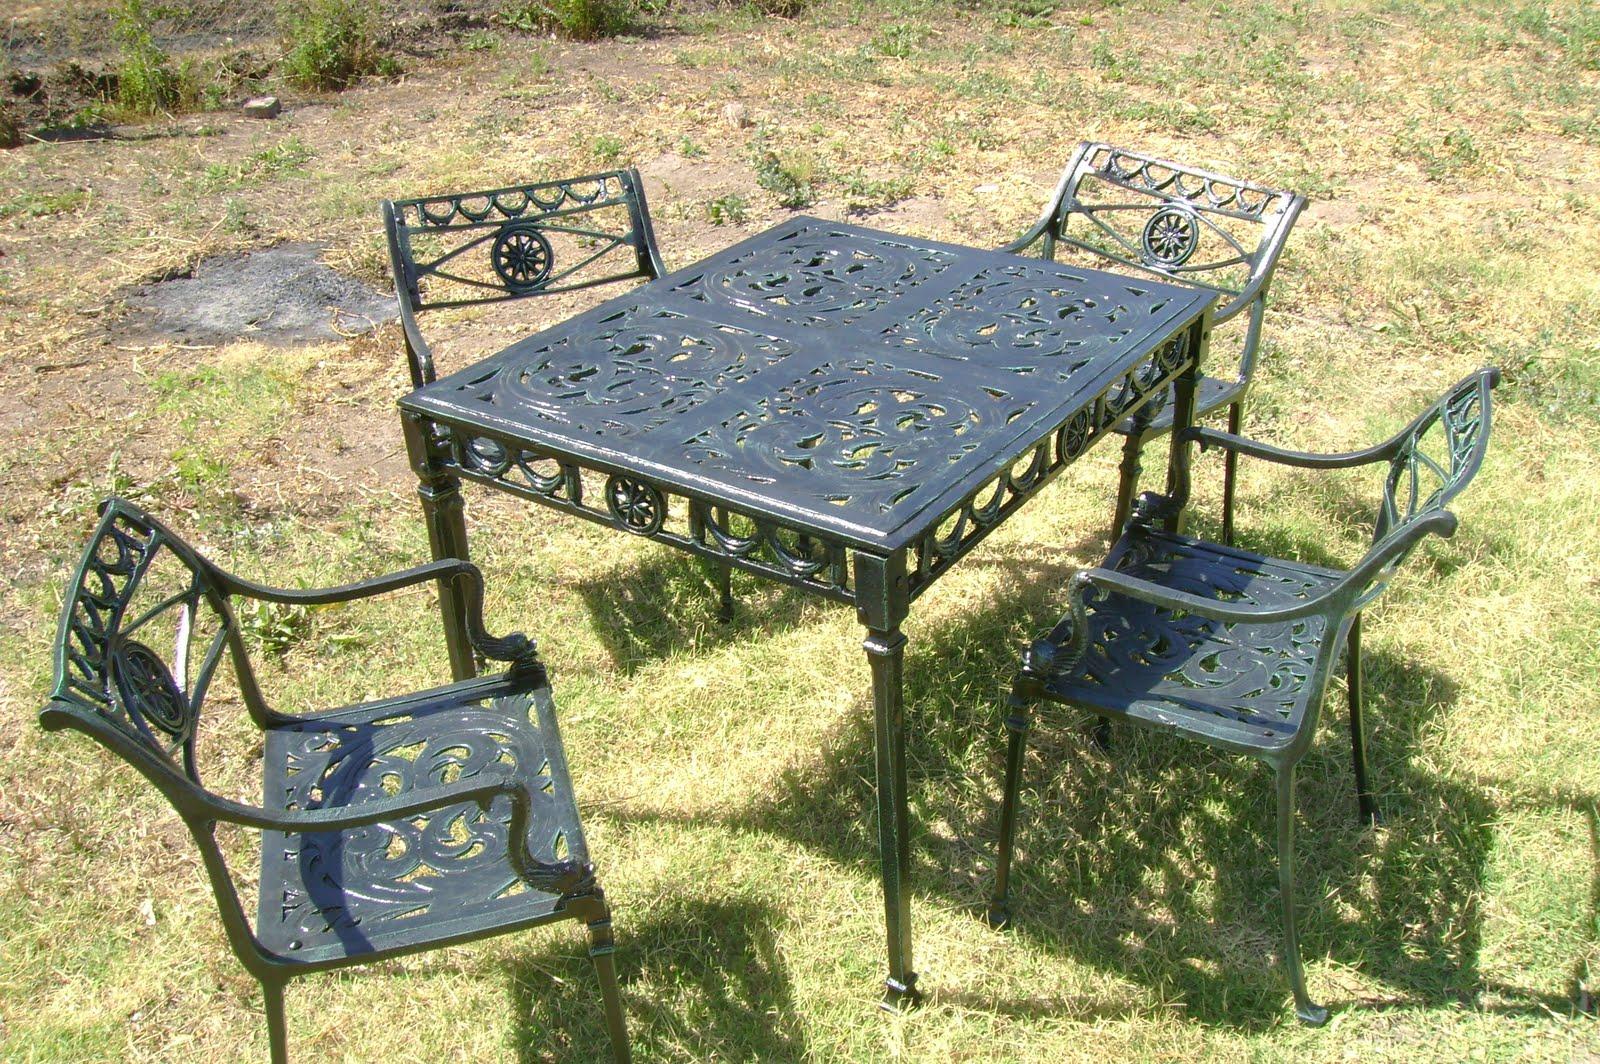 Todo jardin y casa muebles de jardin - Casa muebles jardin ...